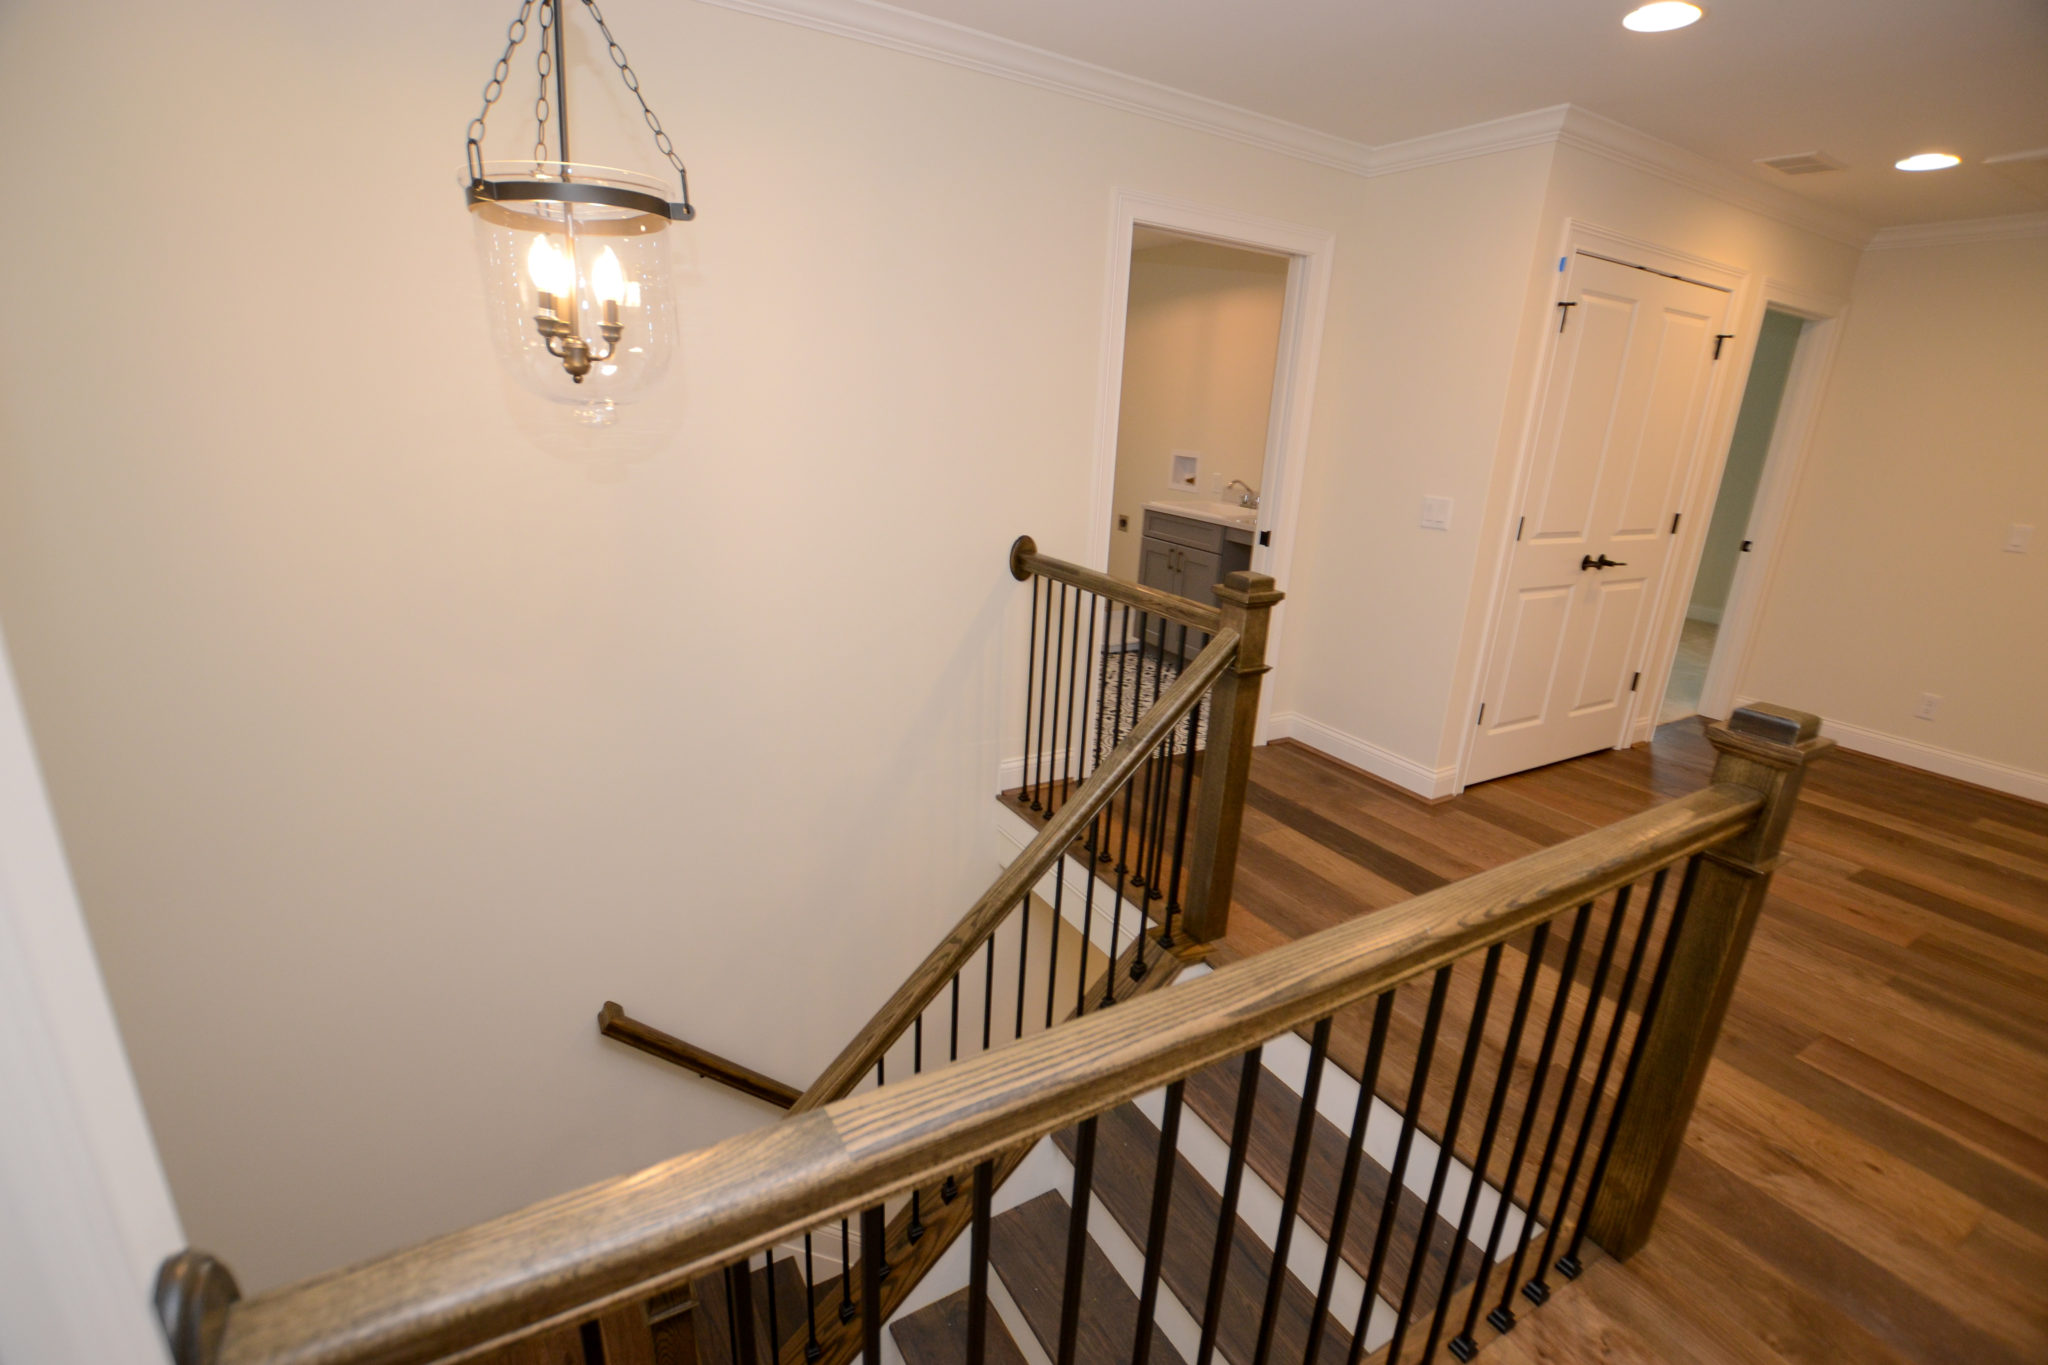 22 Stairwell